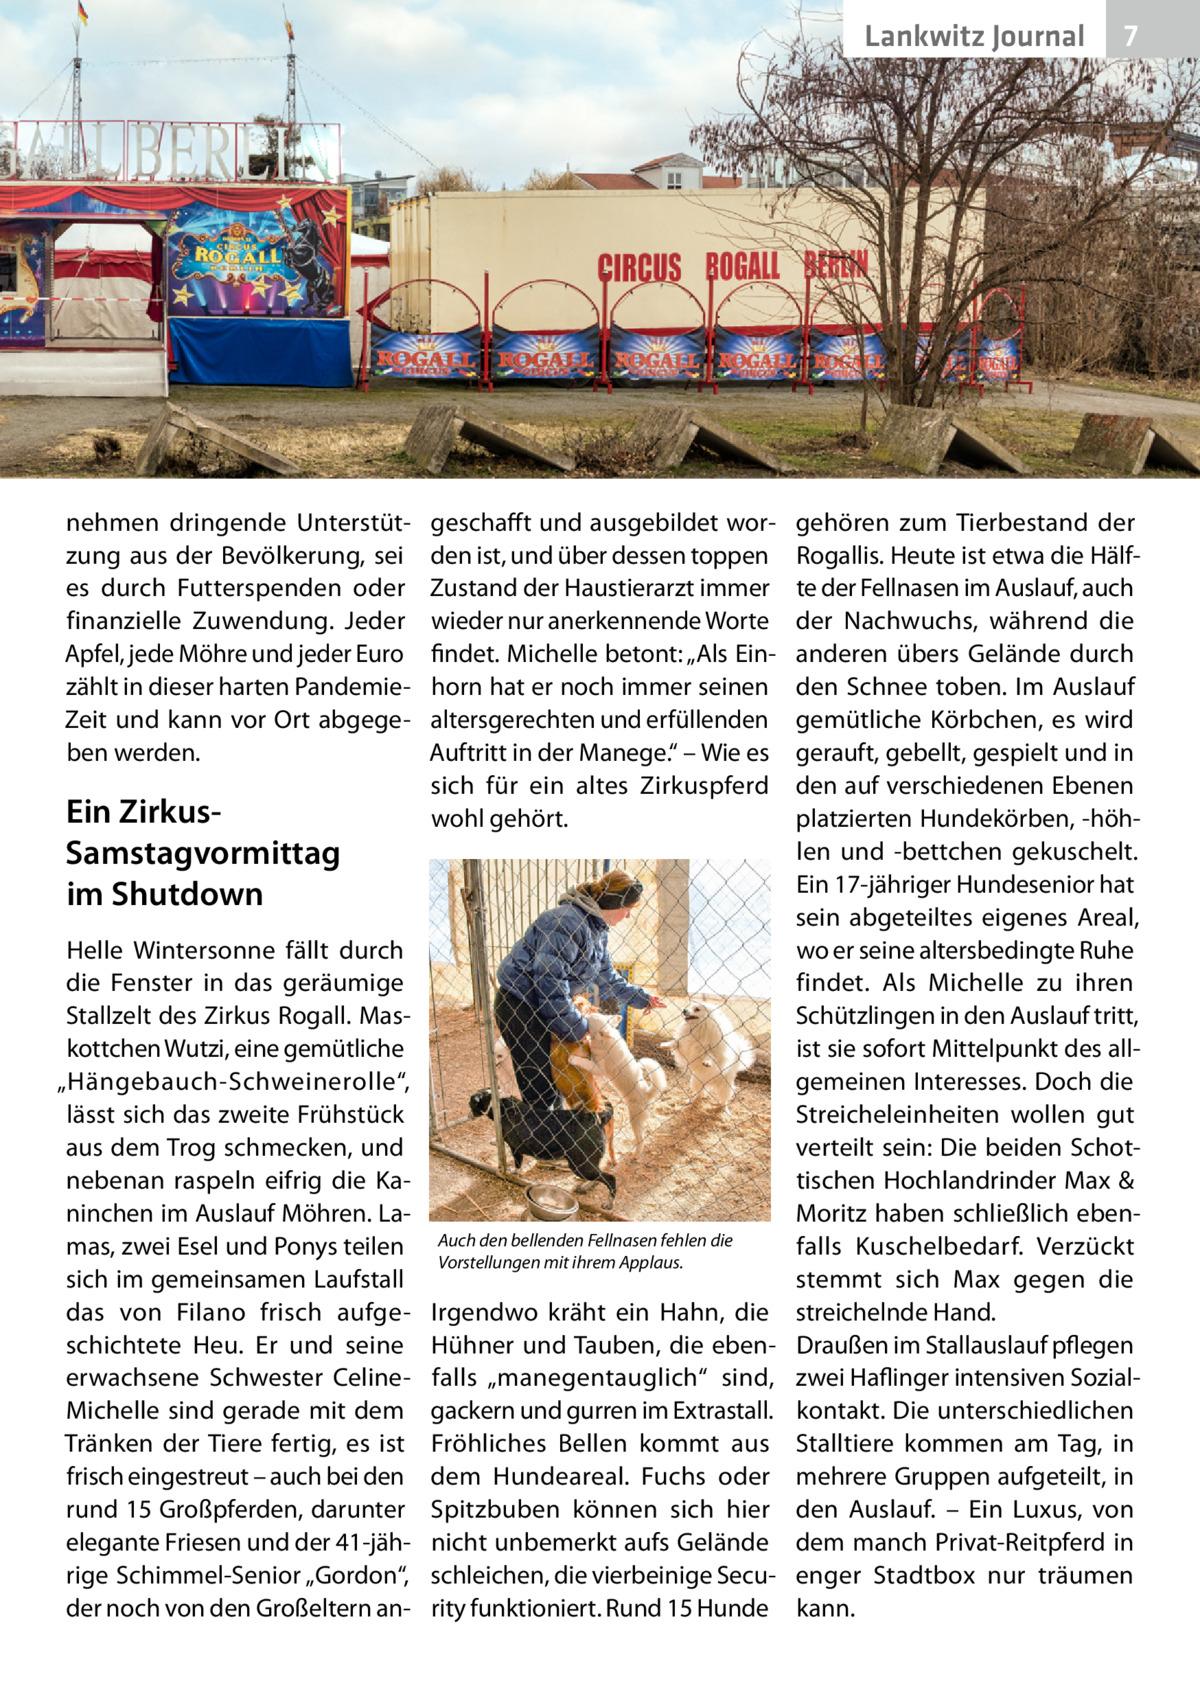 """Lankwitz Gesundheit Journal  nehmen dringende Unterstützung aus der Bevölkerung, sei es durch Futterspenden oder finanzielle Zuwendung. Jeder Apfel, jede Möhre und jeder Euro zählt in dieser harten PandemieZeit und kann vor Ort abgegeben werden.  Ein ZirkusSamstagvormittag im Shutdown Helle Wintersonne fällt durch die Fenster in das geräumige Stallzelt des Zirkus Rogall. Maskottchen Wutzi, eine gemütliche """"Hängebauch-Schweinerolle"""", lässt sich das zweite Frühstück aus dem Trog schmecken, und nebenan raspeln eifrig die Kaninchen im Auslauf Möhren. Lamas, zwei Esel und Ponys teilen sich im gemeinsamen Laufstall das von Filano frisch aufgeschichtete Heu. Er und seine erwachsene Schwester CelineMichelle sind gerade mit dem Tränken der Tiere fertig, es ist frisch eingestreut – auch bei den rund 15Großpferden, darunter elegante Friesen und der 41-jährige Schimmel-Senior """"Gordon"""", der noch von den Großeltern an geschafft und ausgebildet worden ist, und über dessen toppen Zustand der Haustierarzt immer wieder nur anerkennende Worte findet. Michelle betont: """"Als Einhorn hat er noch immer seinen altersgerechten und erfüllenden Auftritt in der Manege."""" – Wie es sich für ein altes Zirkuspferd wohl gehört.  Auch den bellenden Fellnasen fehlen die Vorstellungen mit ihrem Applaus.  Irgendwo kräht ein Hahn, die Hühner und Tauben, die ebenfalls """"manegentauglich"""" sind, gackern und gurren im Extrastall. Fröhliches Bellen kommt aus dem Hundeareal. Fuchs oder Spitzbuben können sich hier nicht unbemerkt aufs Gelände schleichen, die vierbeinige Security funktioniert. Rund 15Hunde  7 7  gehören zum Tierbestand der Rogallis. Heute ist etwa die Hälfte der Fellnasen im Auslauf, auch der Nachwuchs, während die anderen übers Gelände durch den Schnee toben. Im Auslauf gemütliche Körbchen, es wird gerauft, gebellt, gespielt und in den auf verschiedenen Ebenen platzierten Hundekörben, -höhlen und -bettchen gekuschelt. Ein 17-jähriger Hundesenior hat sein abgeteiltes eigenes Areal, wo er seine alte"""